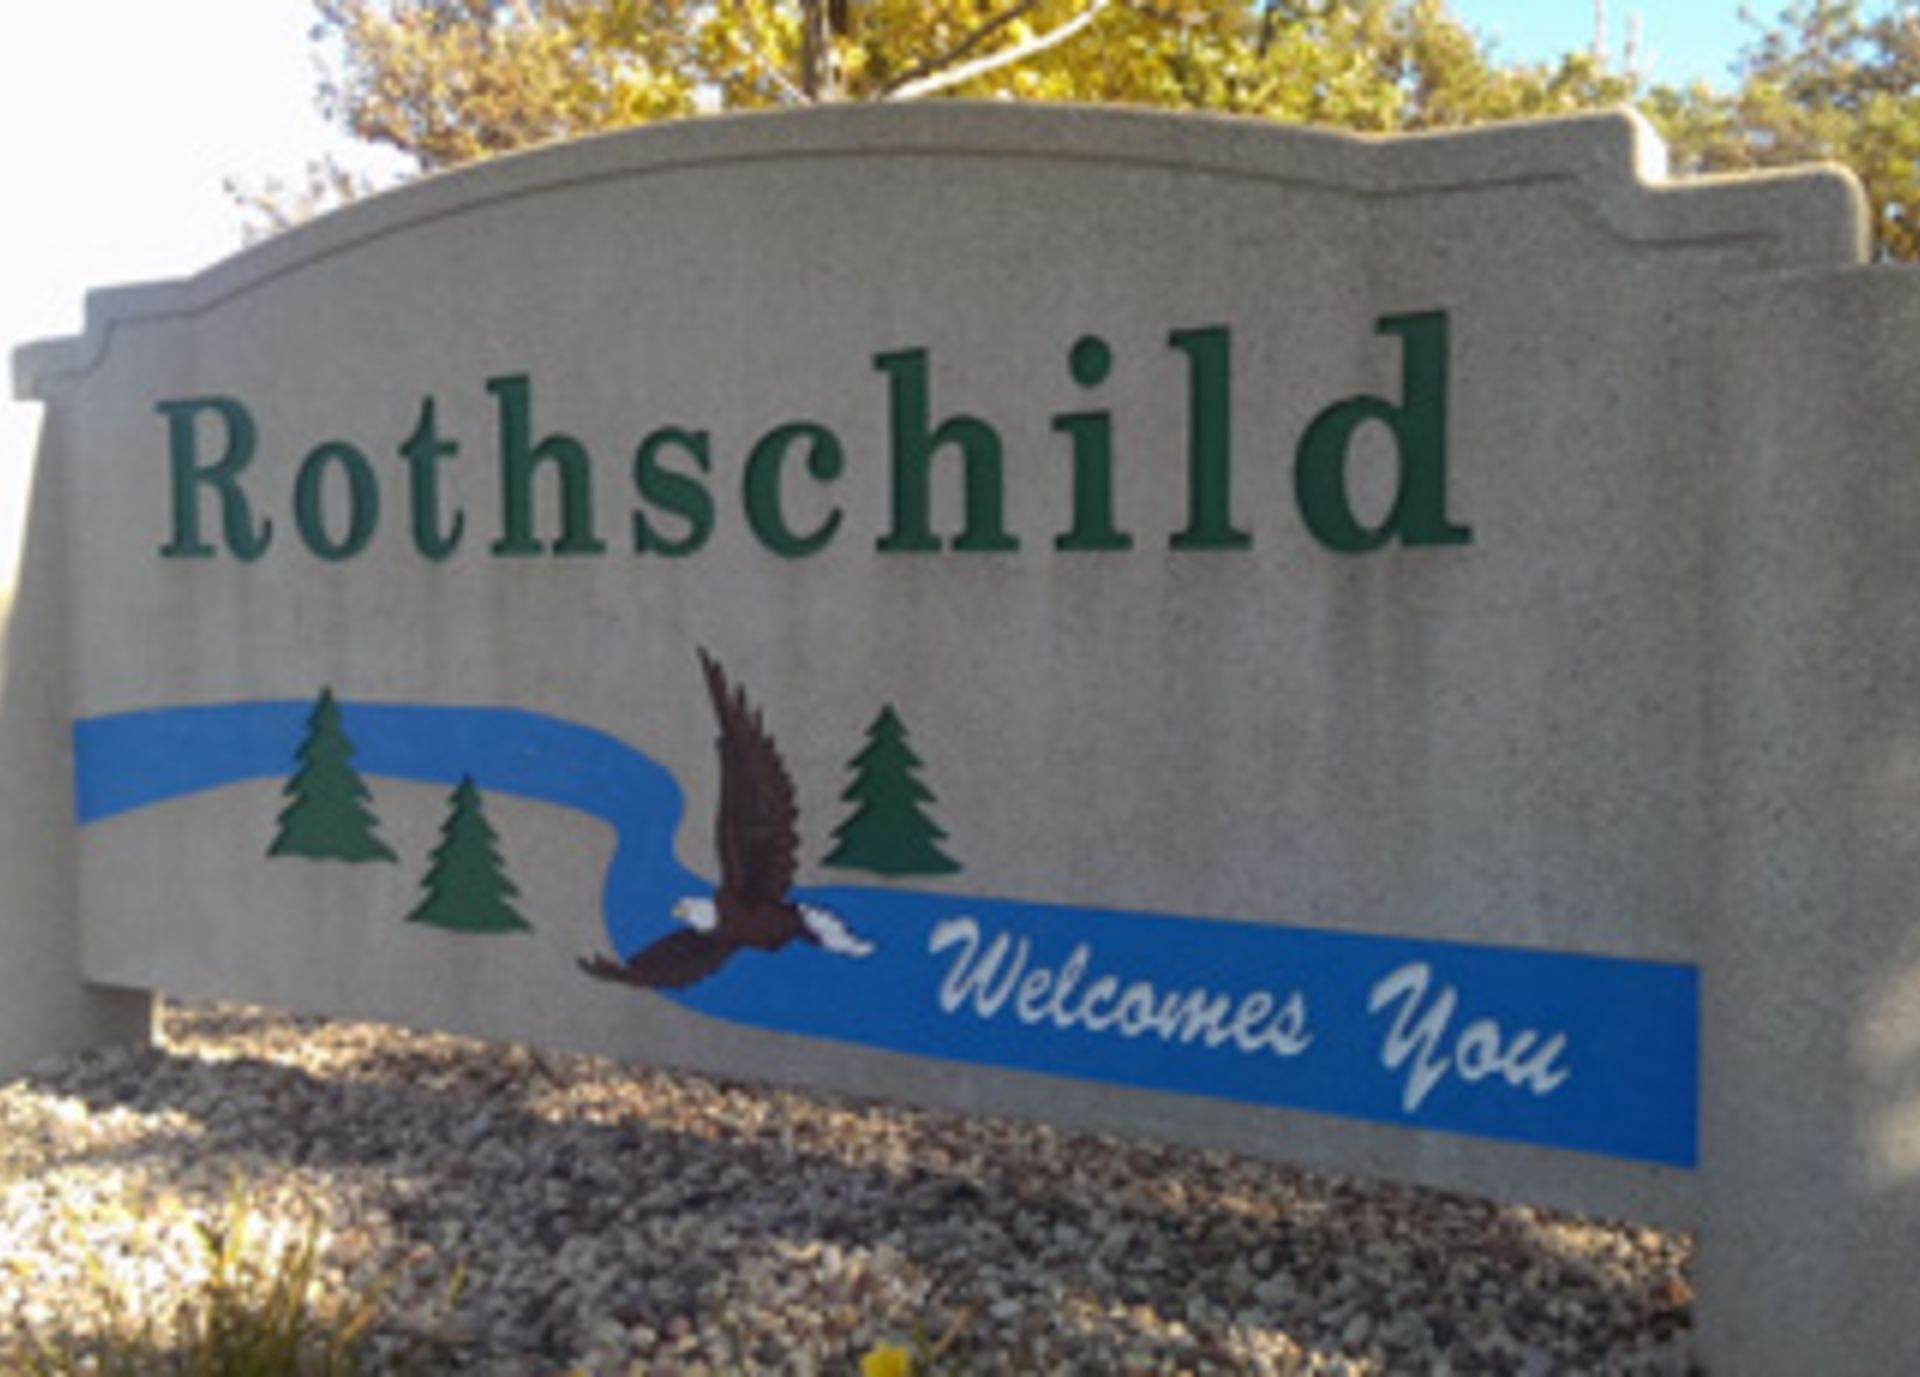 Rothschild, Wisconsin